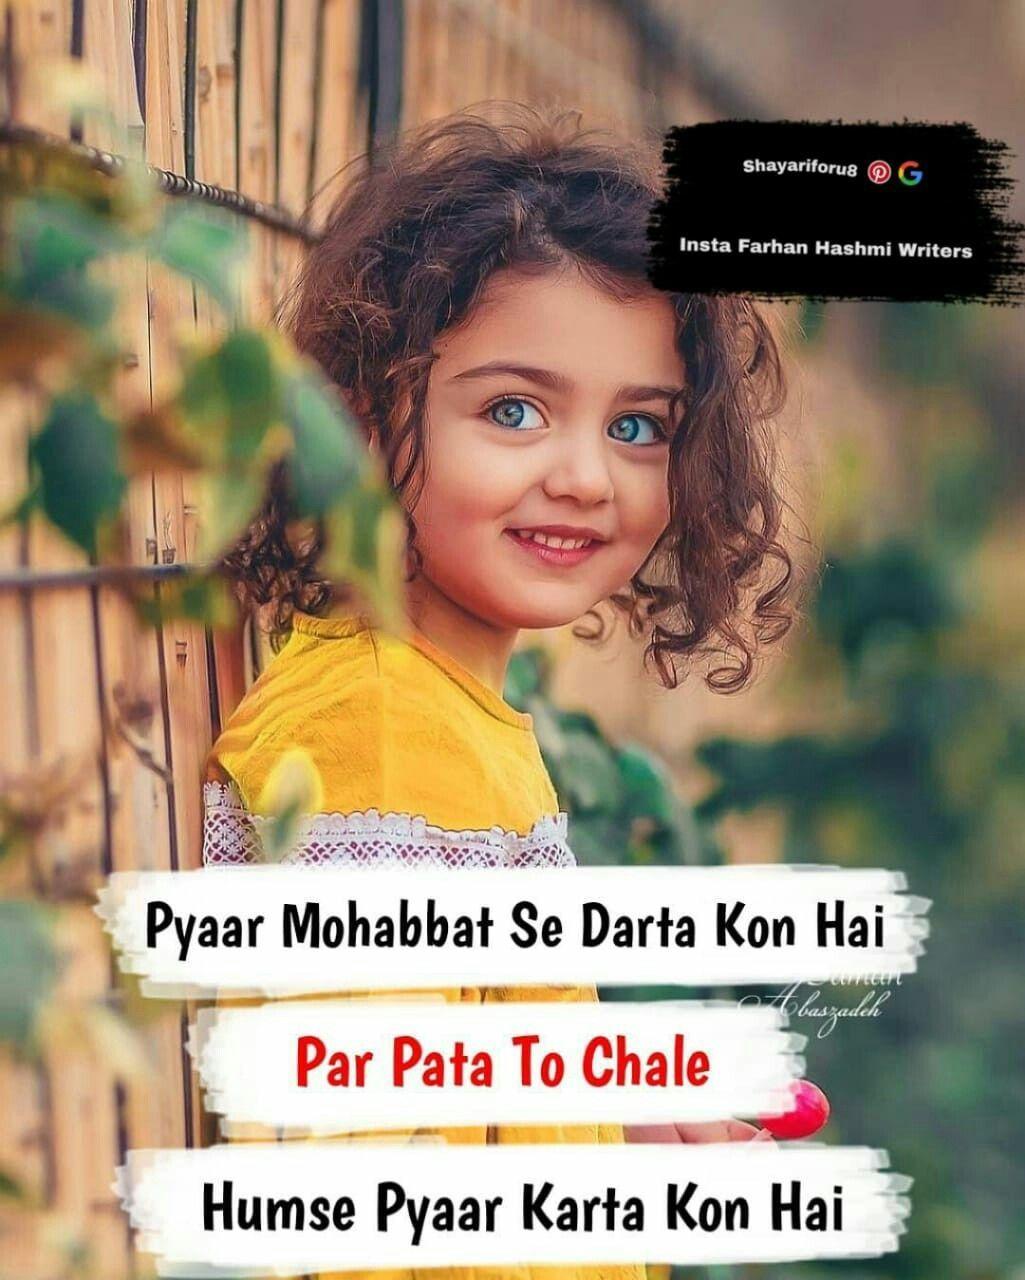 Girl Photo Shayari : photo, shayari, Attitude, Shayariforu8, Shayari, Girls, Baatein, Quotes,, Girly, Funny, Quotes